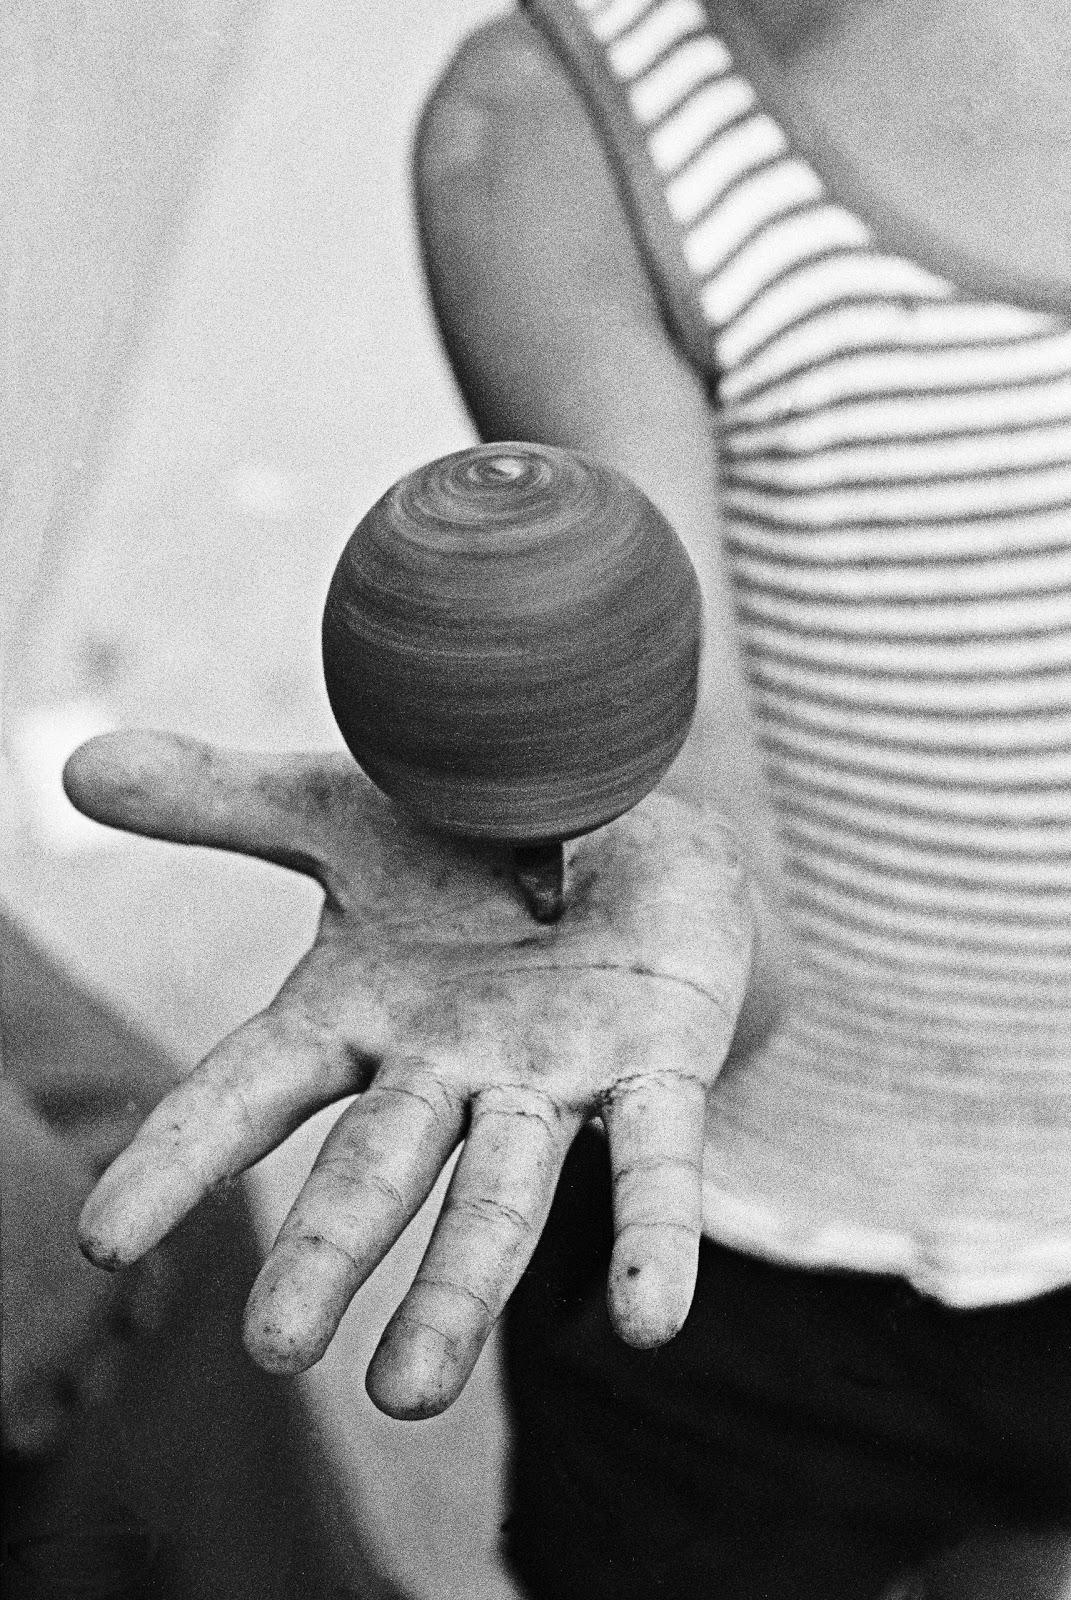 Arte cultura ferdinando scianna in gioco - Luxens sito ufficiale ...